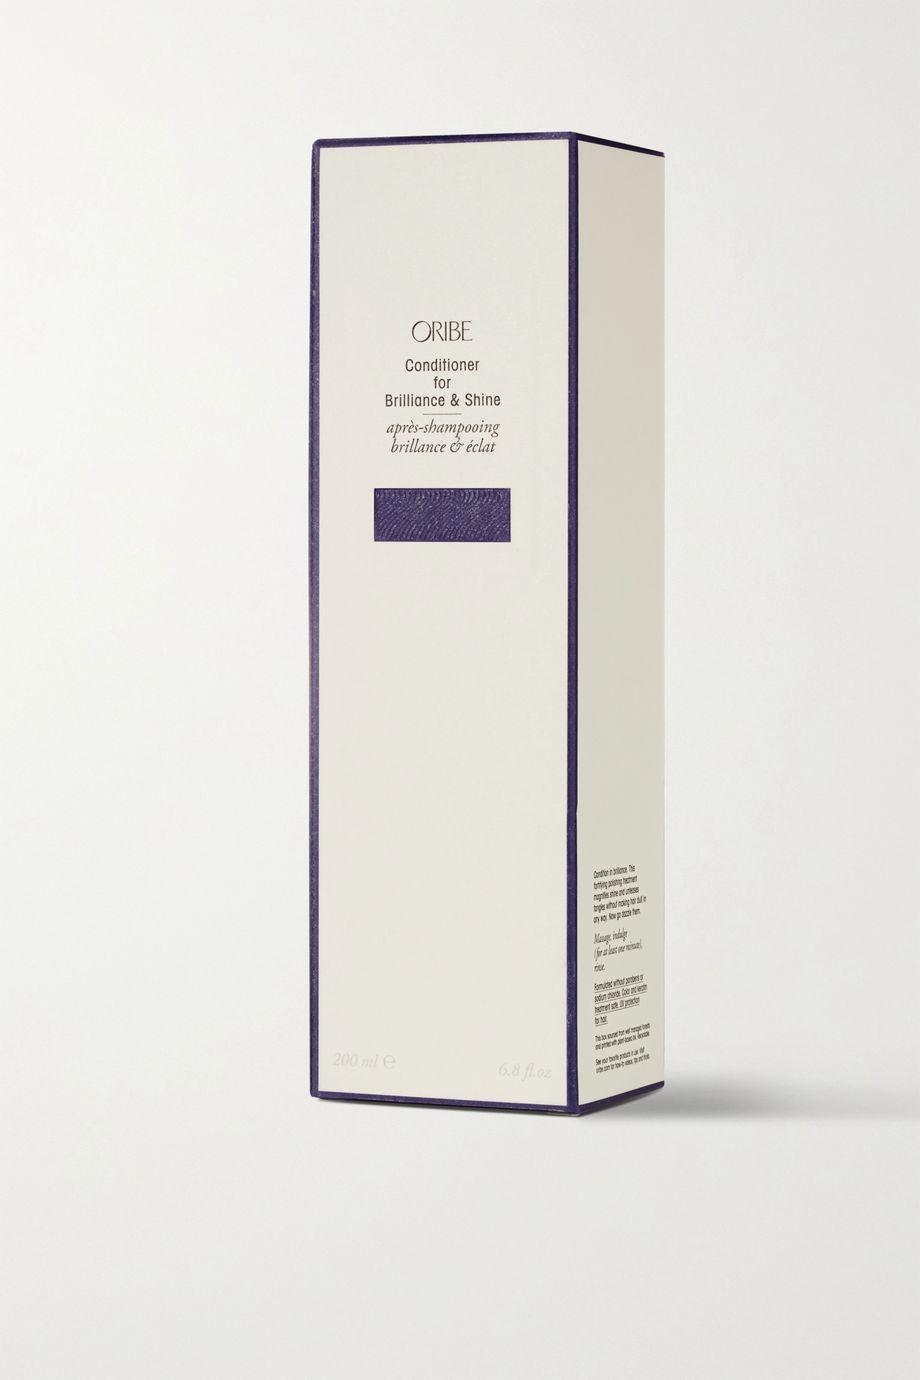 Oribe Conditioner for Brilliance & Shine, 200ml